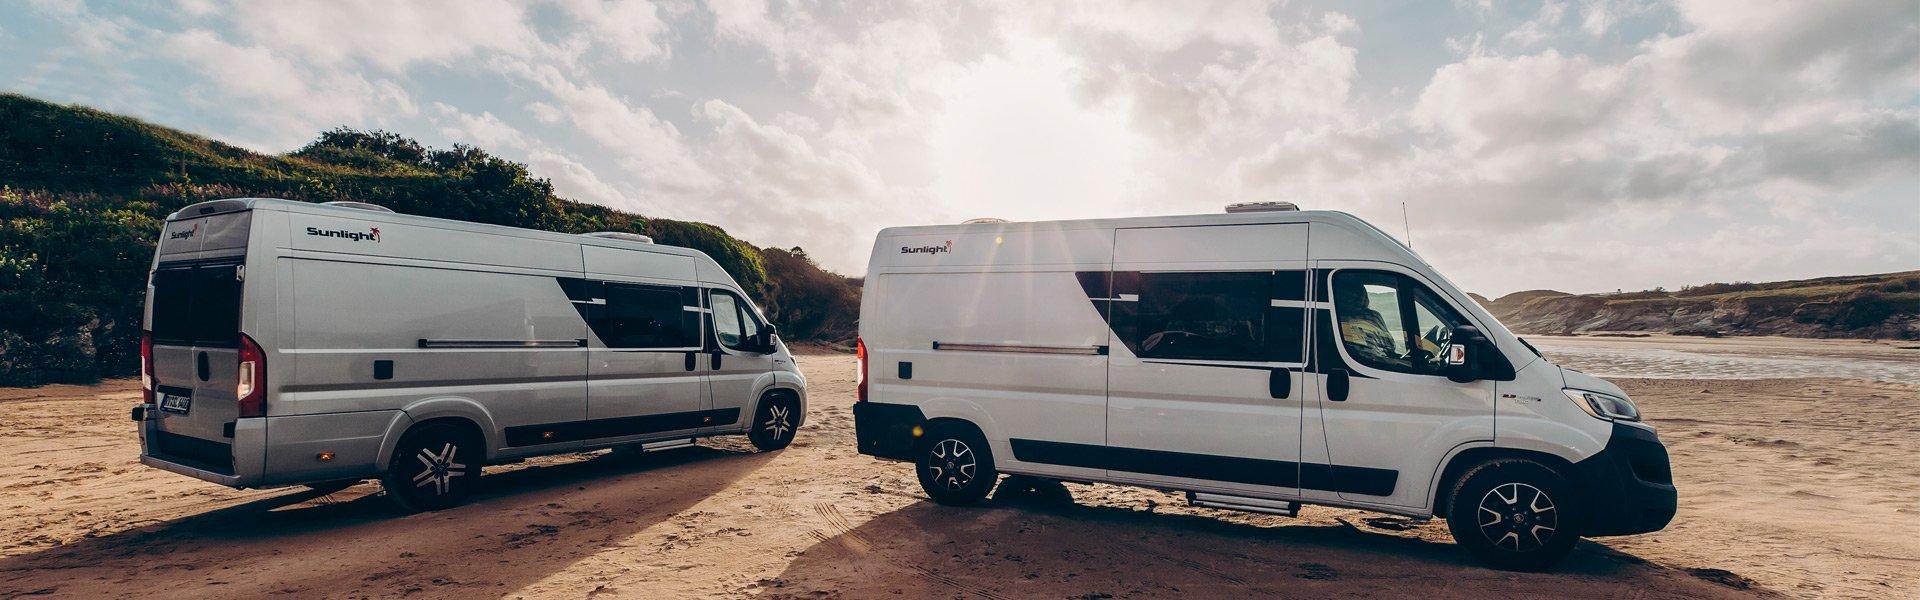 Ontdek Frankrijk tijdens een camperreis met een camper van McRent bij Victoria CamperHolidays